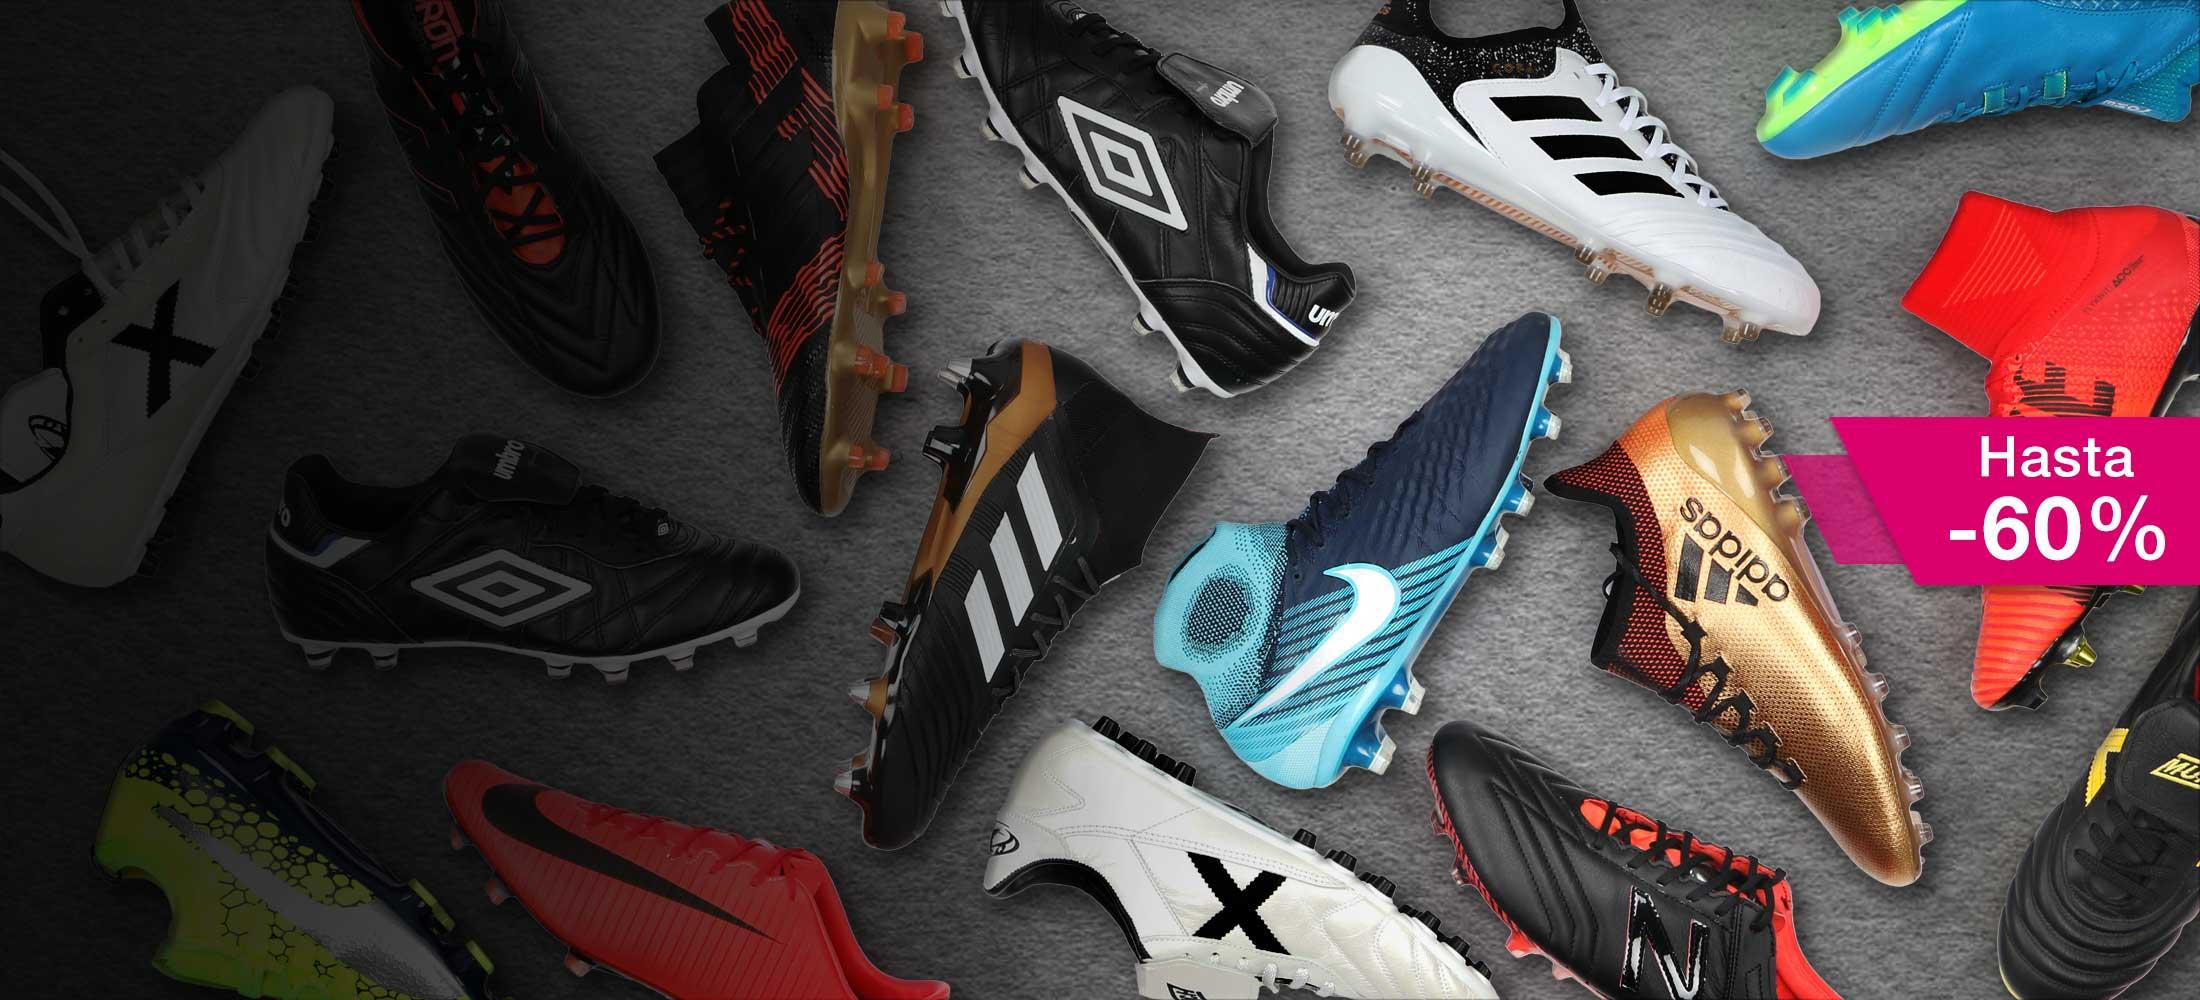 Rebajas en botas de fútbol